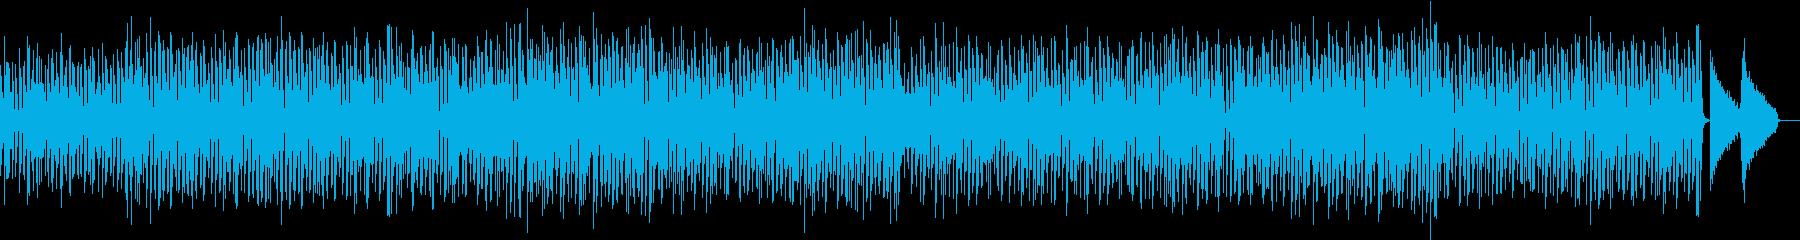 きらきらベルのメロディーが特徴的ポップスの再生済みの波形